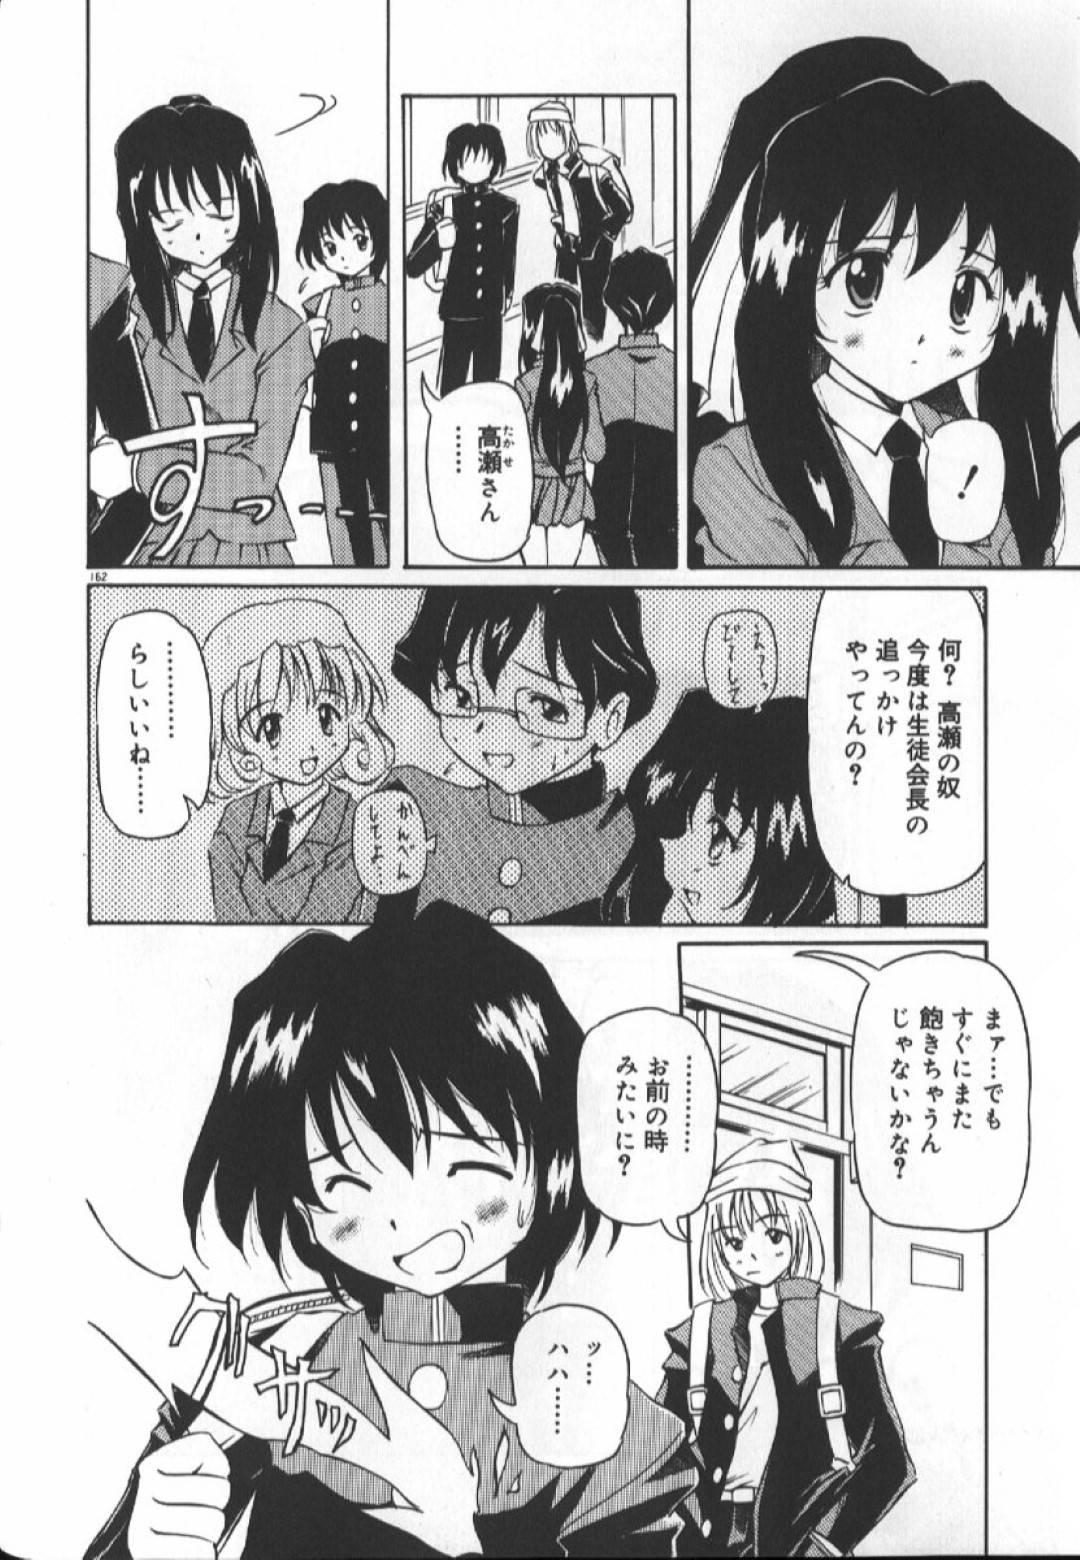 【エロ漫画】森の中の館に夜這いに来た男子を無言で受け入れる娘は生ハメセックスでイッてしまう